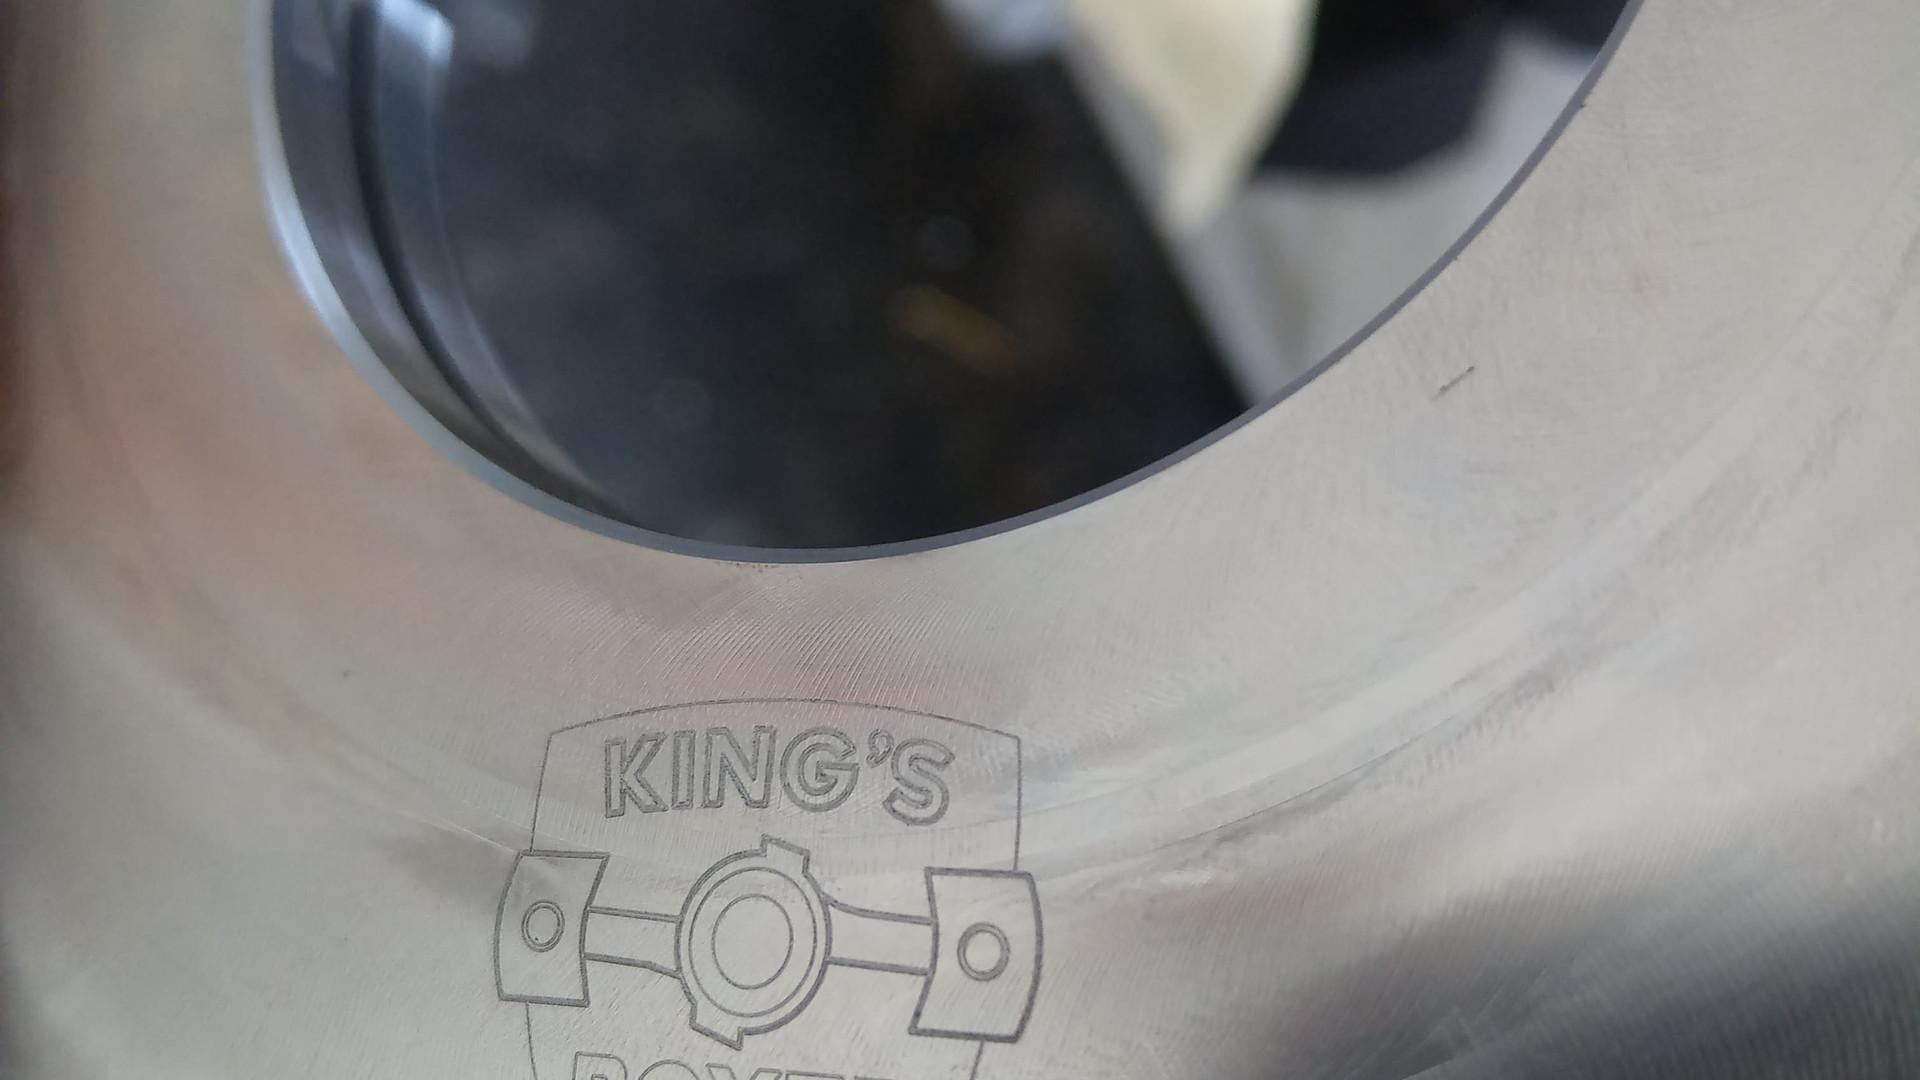 Kings Boxer Diesel Mark of Quality